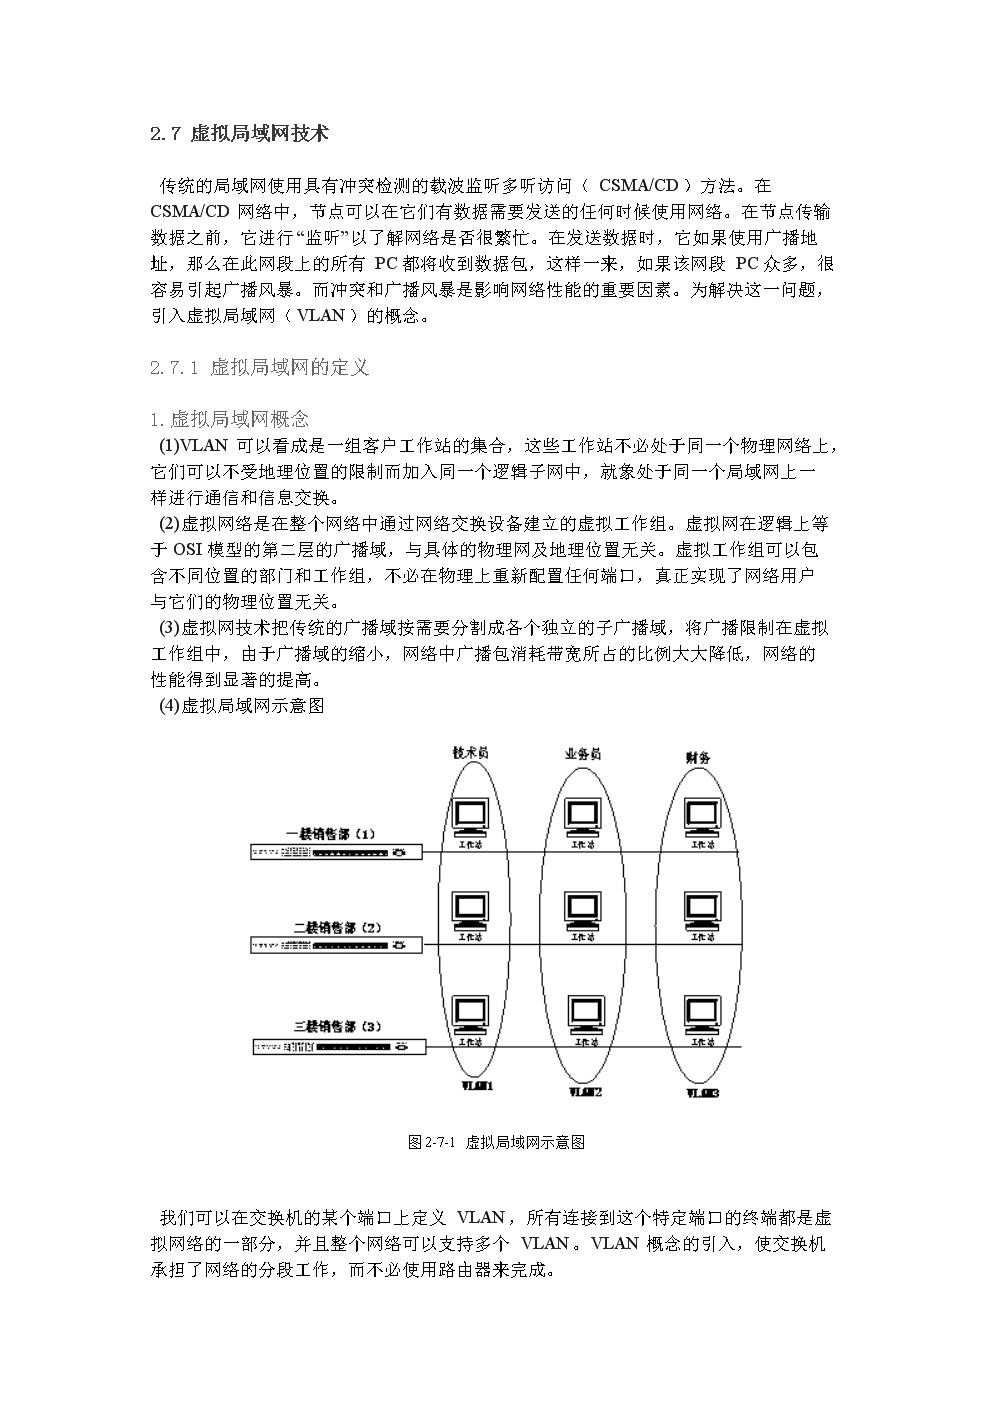 虚拟局域网技术.doc